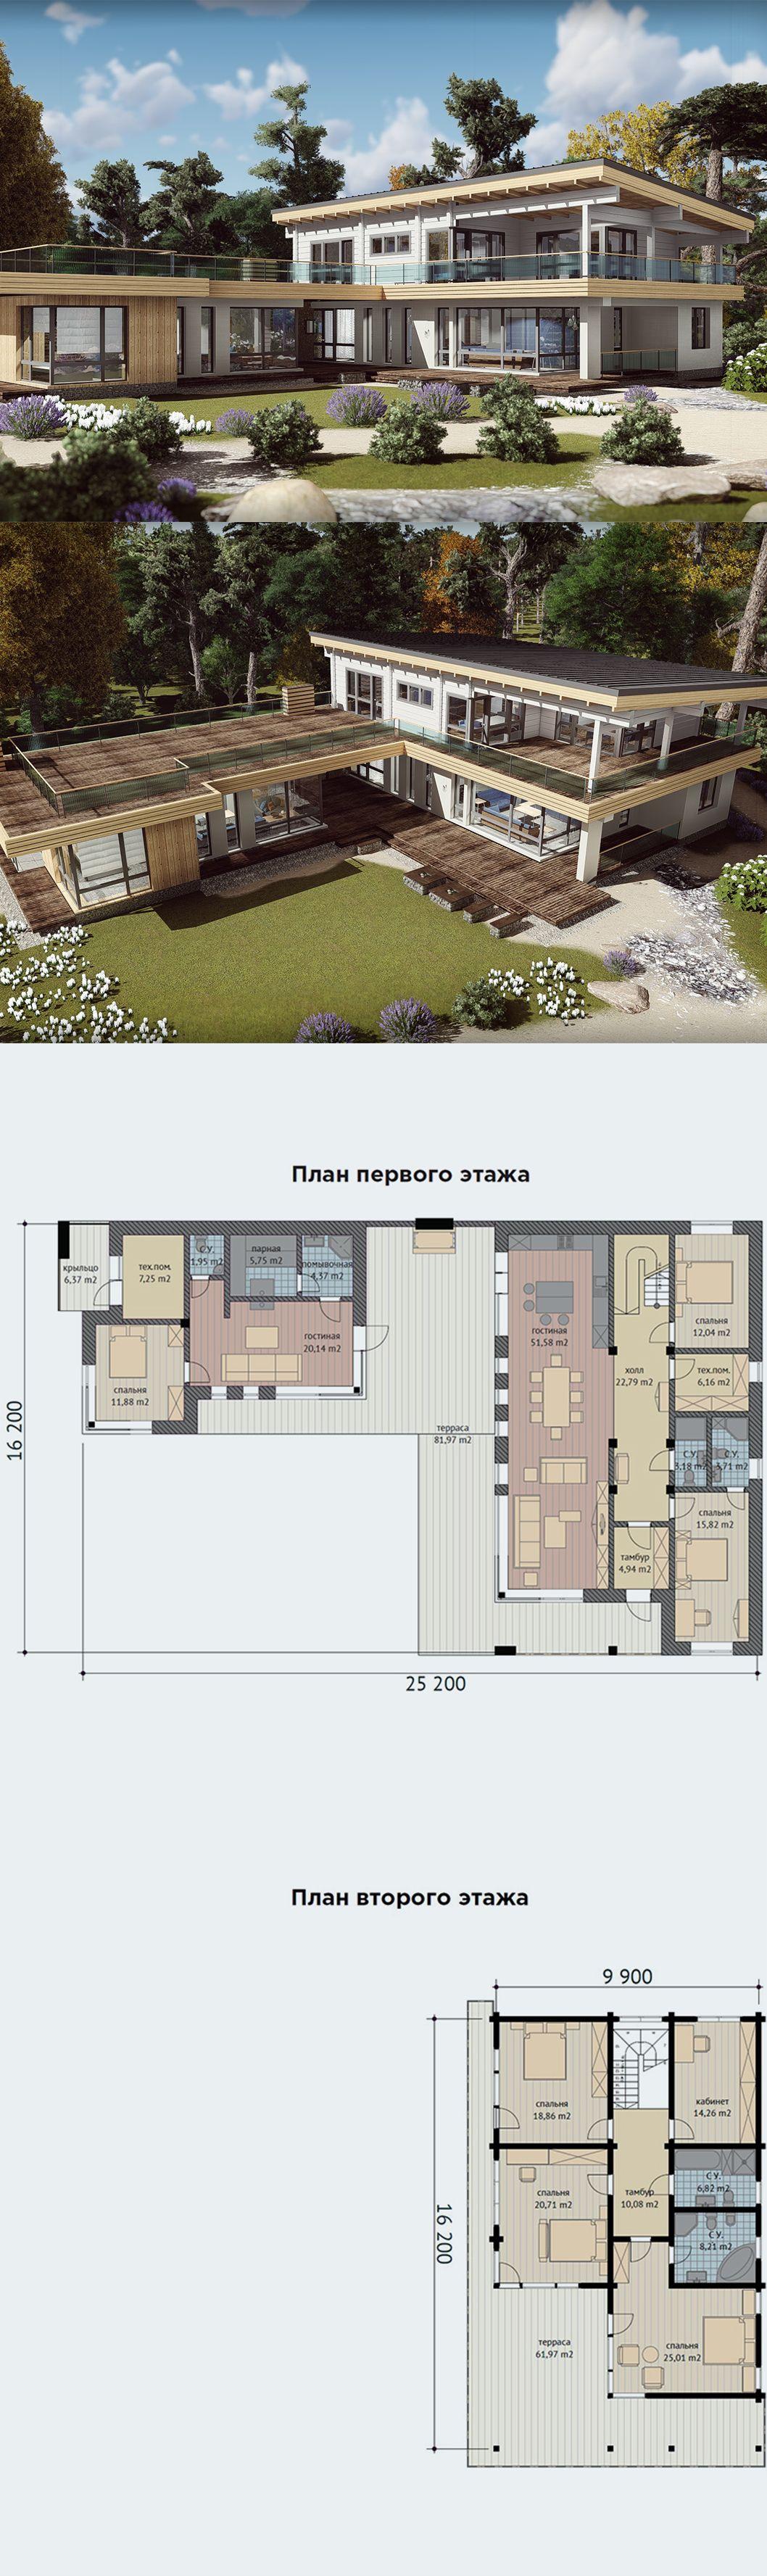 Arquitetura for Casa moderna naga city prices